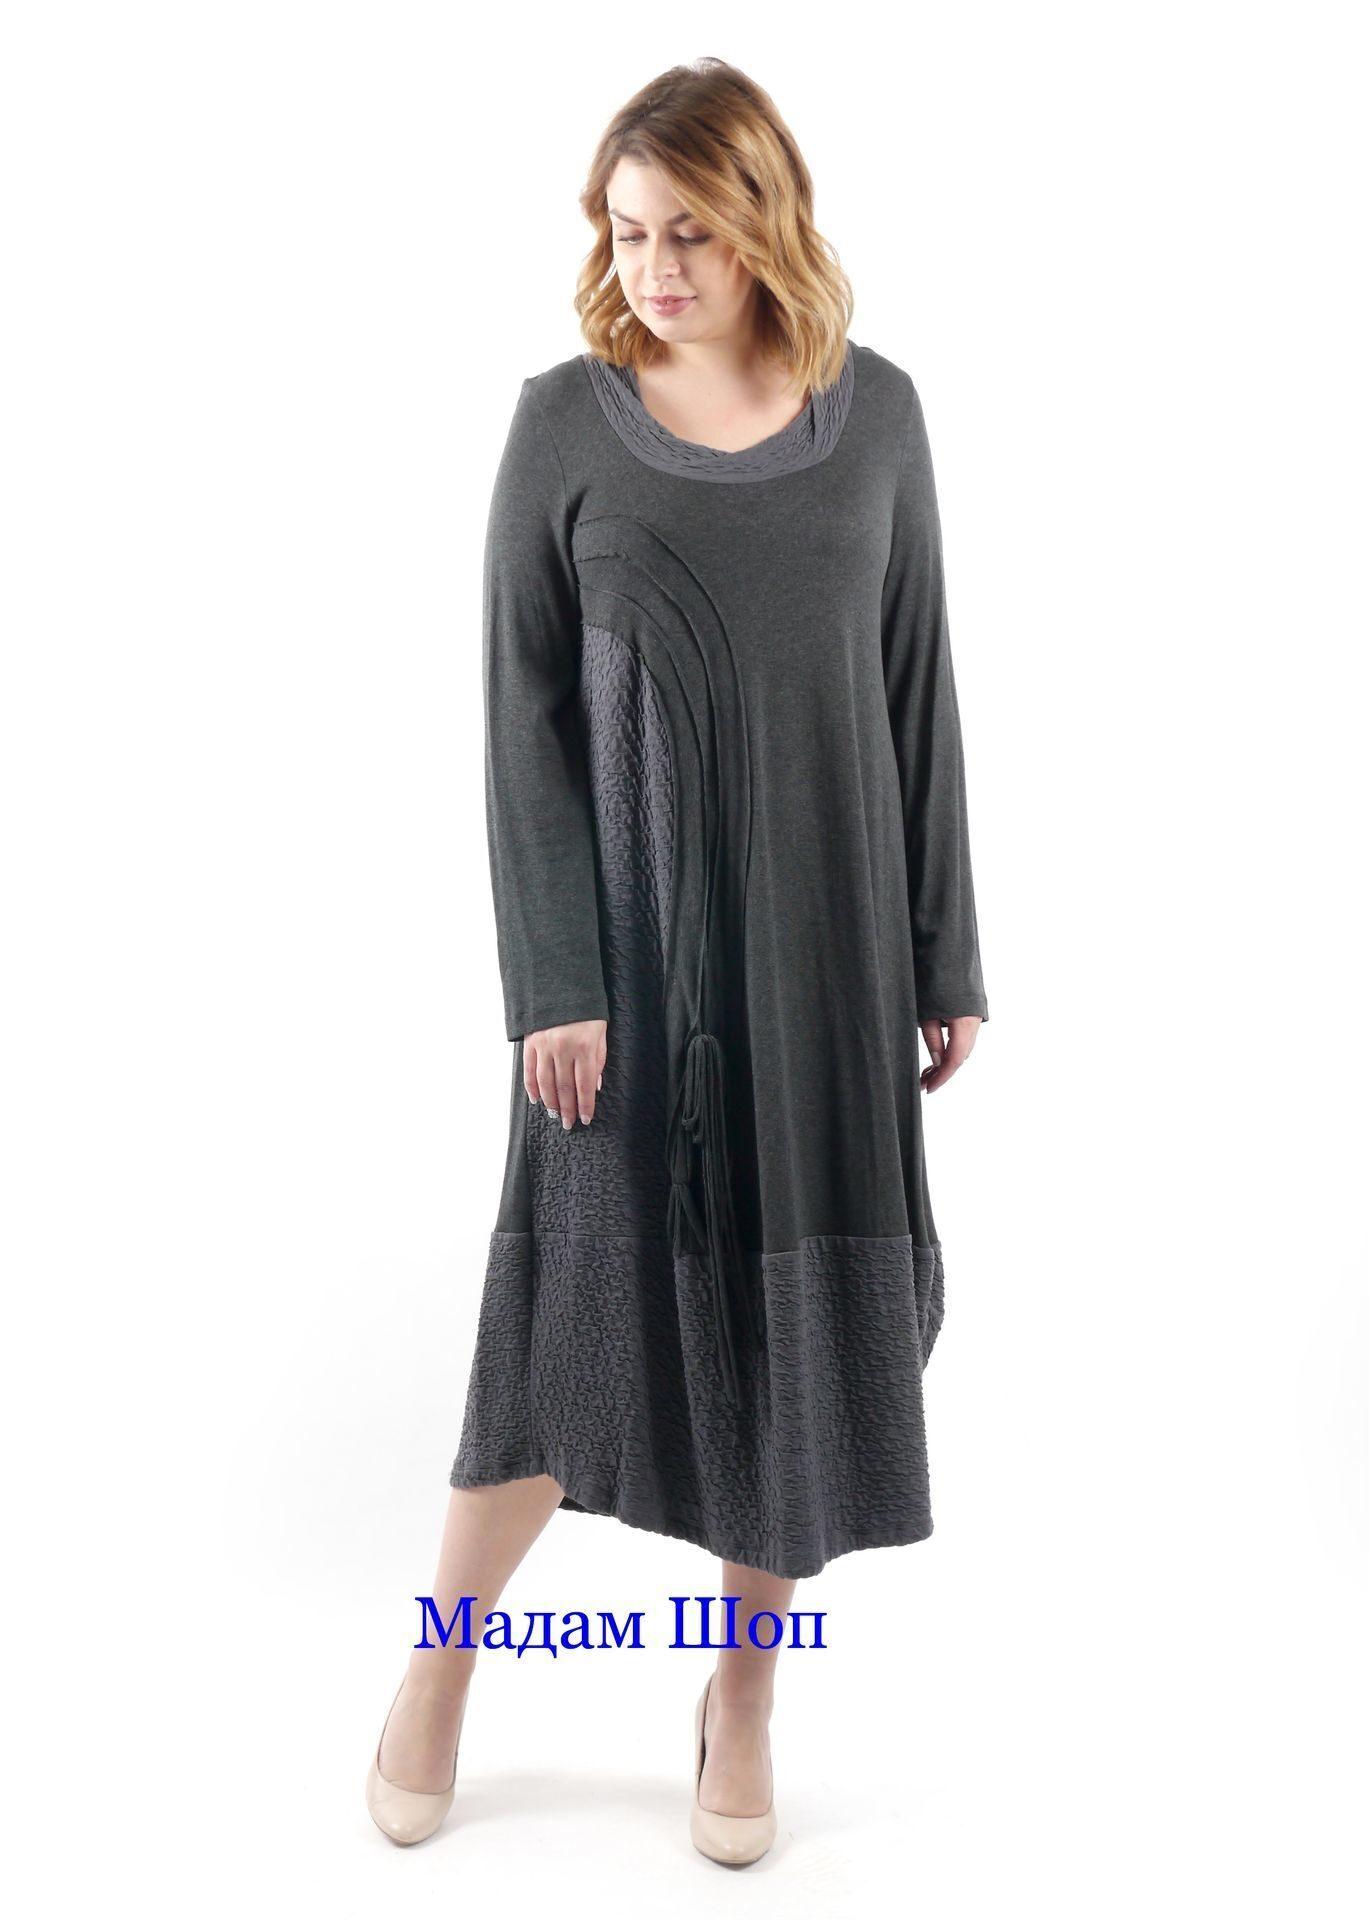 59f727b3708 Тёмно-серое платье с креативными фактурными контрастами. Мягкий трикотаж  дополнен отделкой из жатой ткани